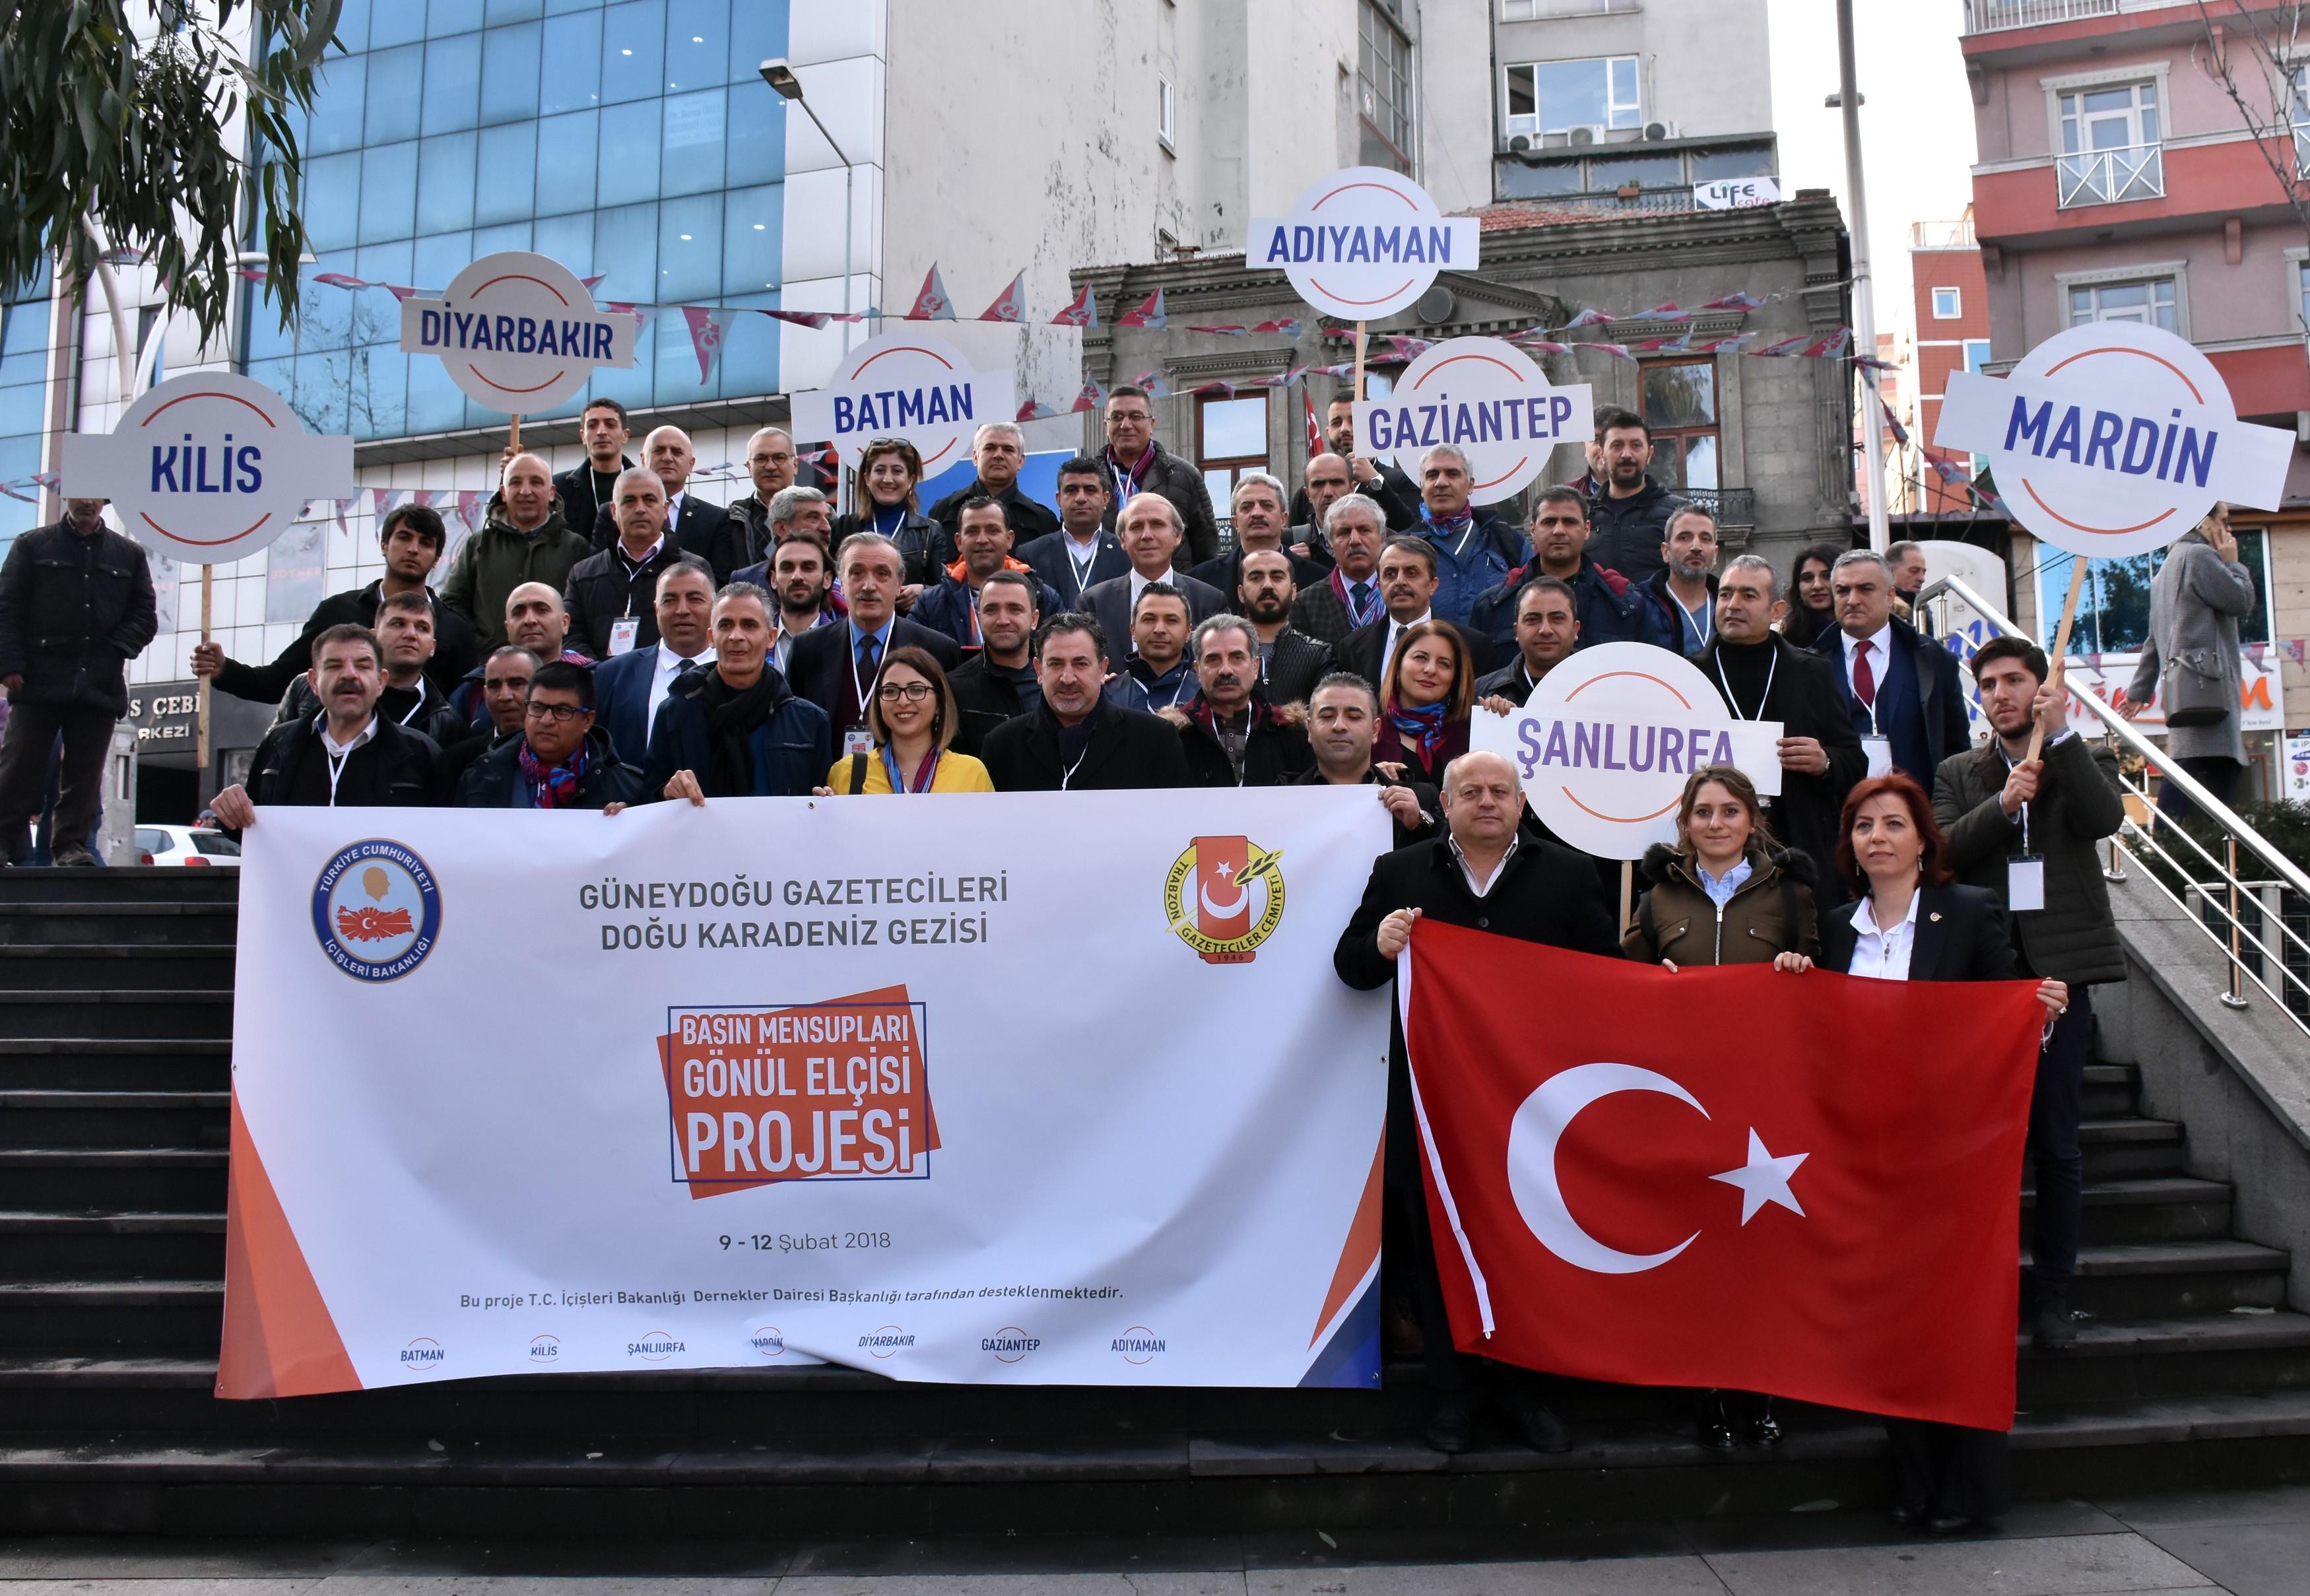 Trabzon'da Karadeniz İle Güneydoğu Kardeşliği Pekiştirildi